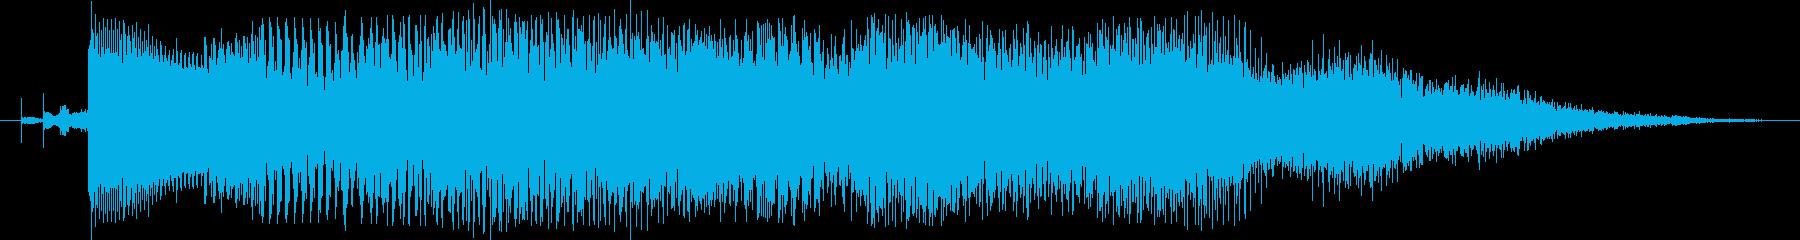 ジングル3 / エレピ / サウンドロゴの再生済みの波形